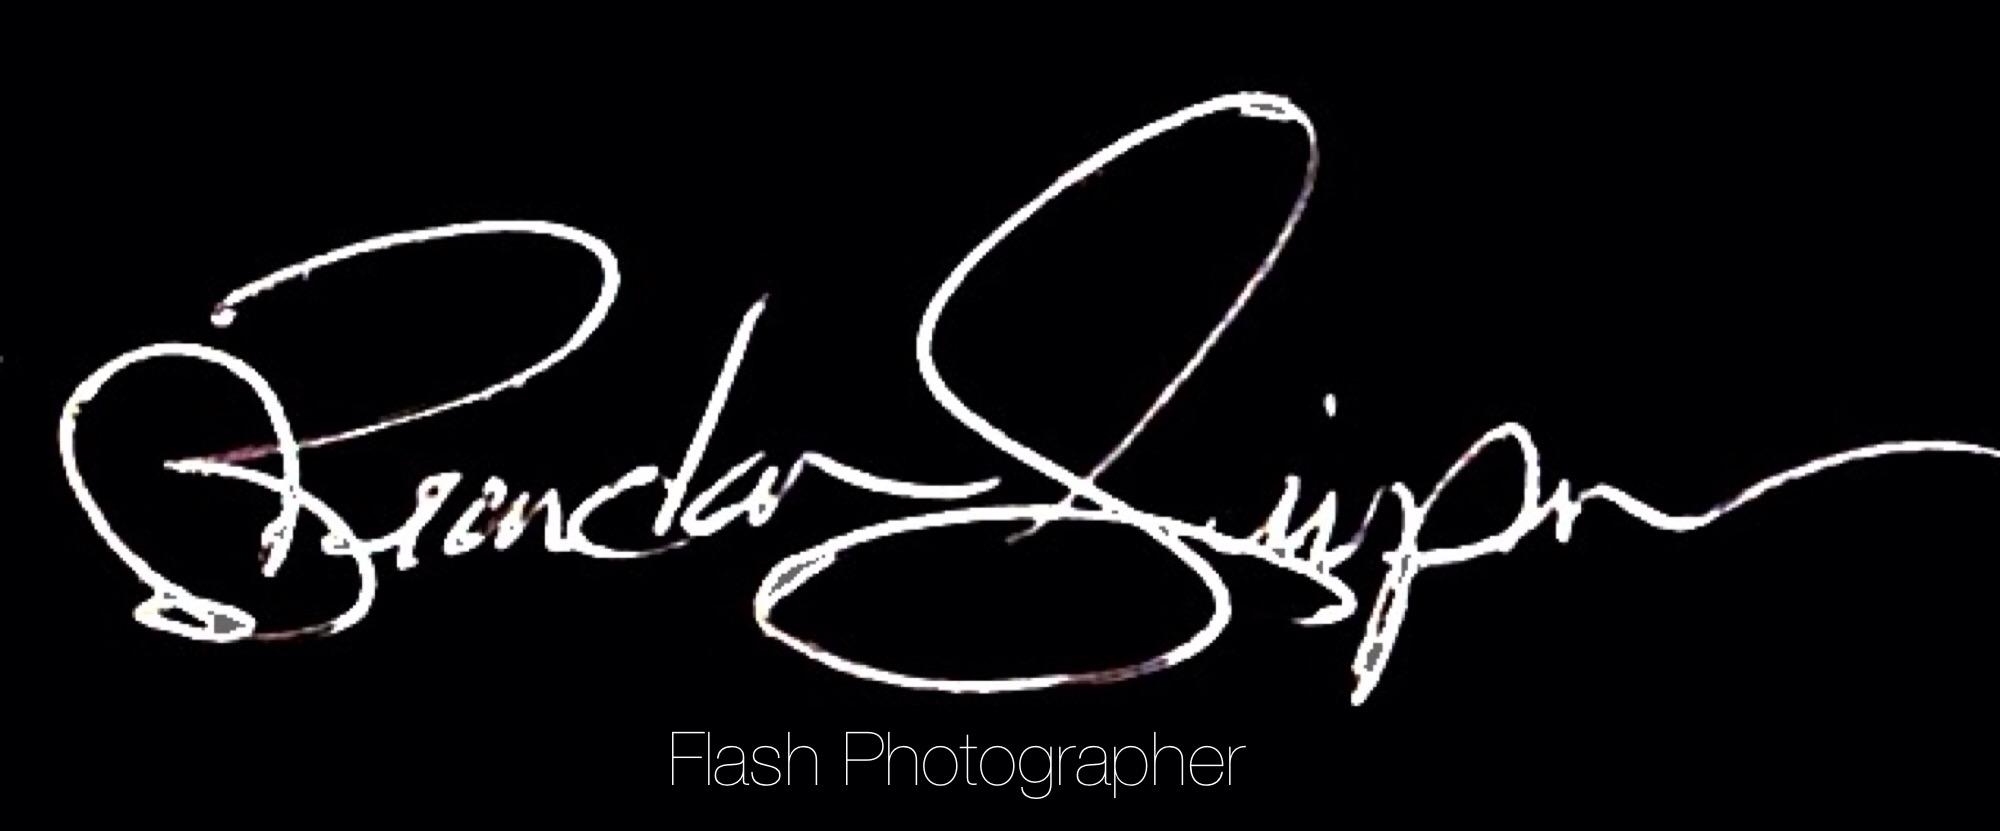 Brandon Simpson's Signature